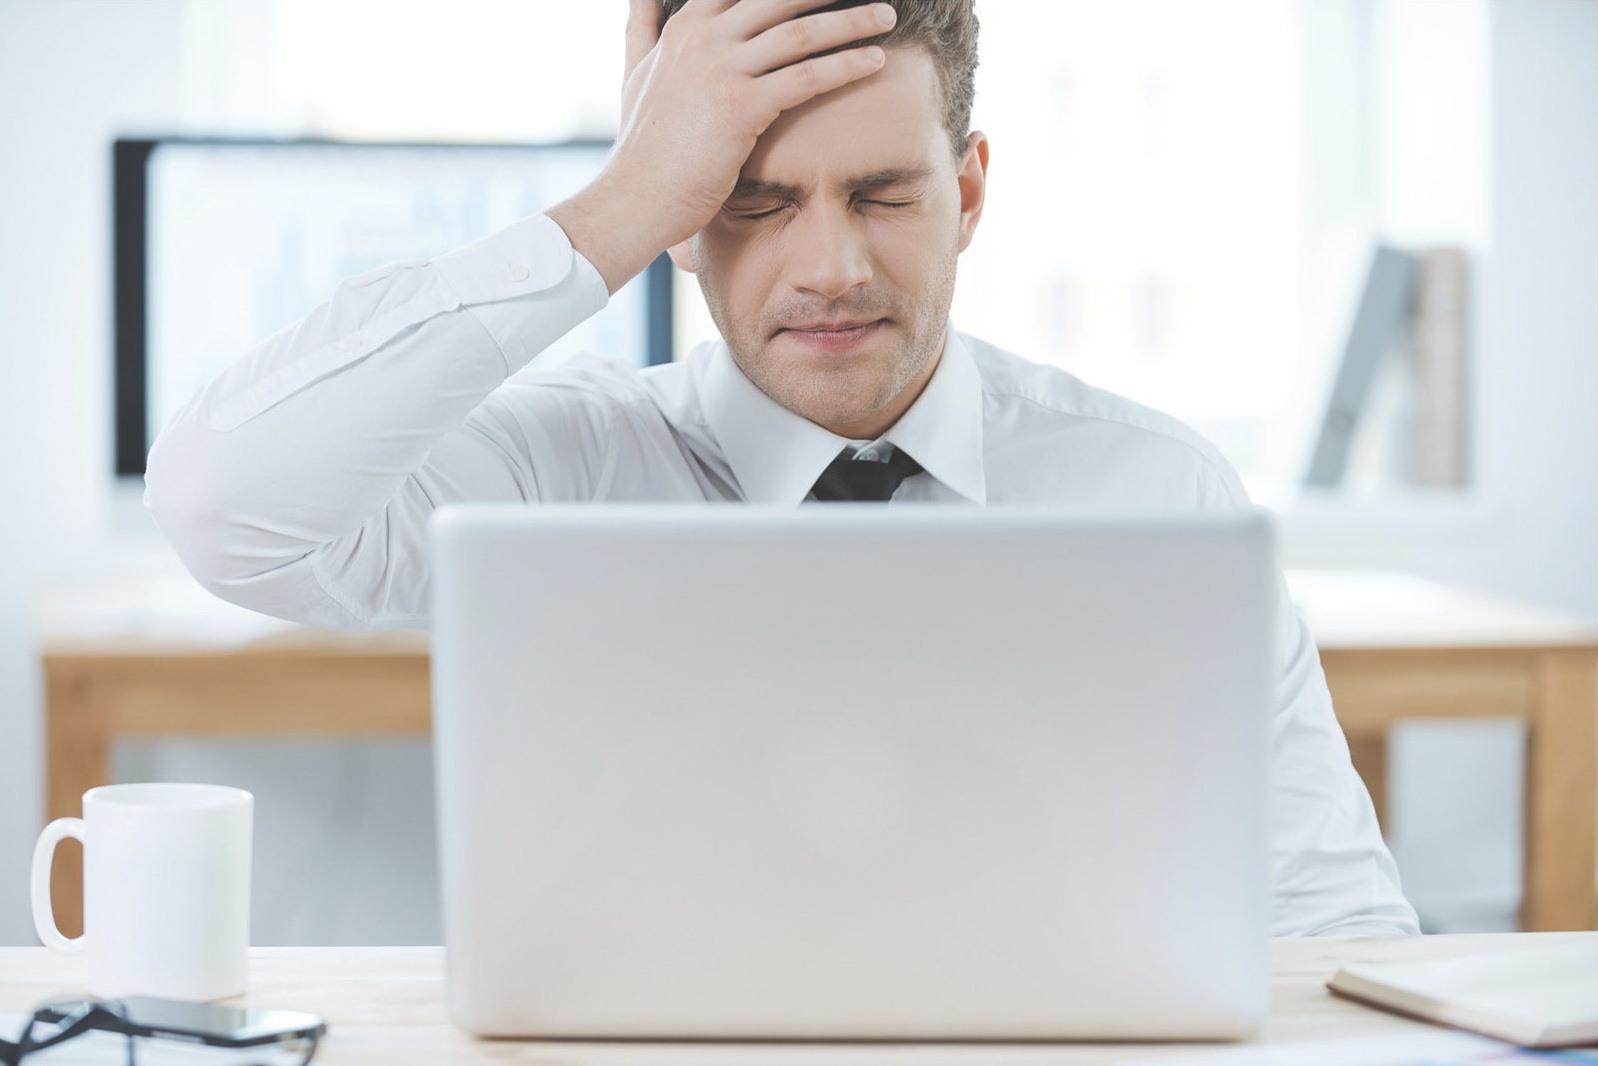 какие могут быть проблемы при оформлении Е-ОСАГО в АльфаСтраховании